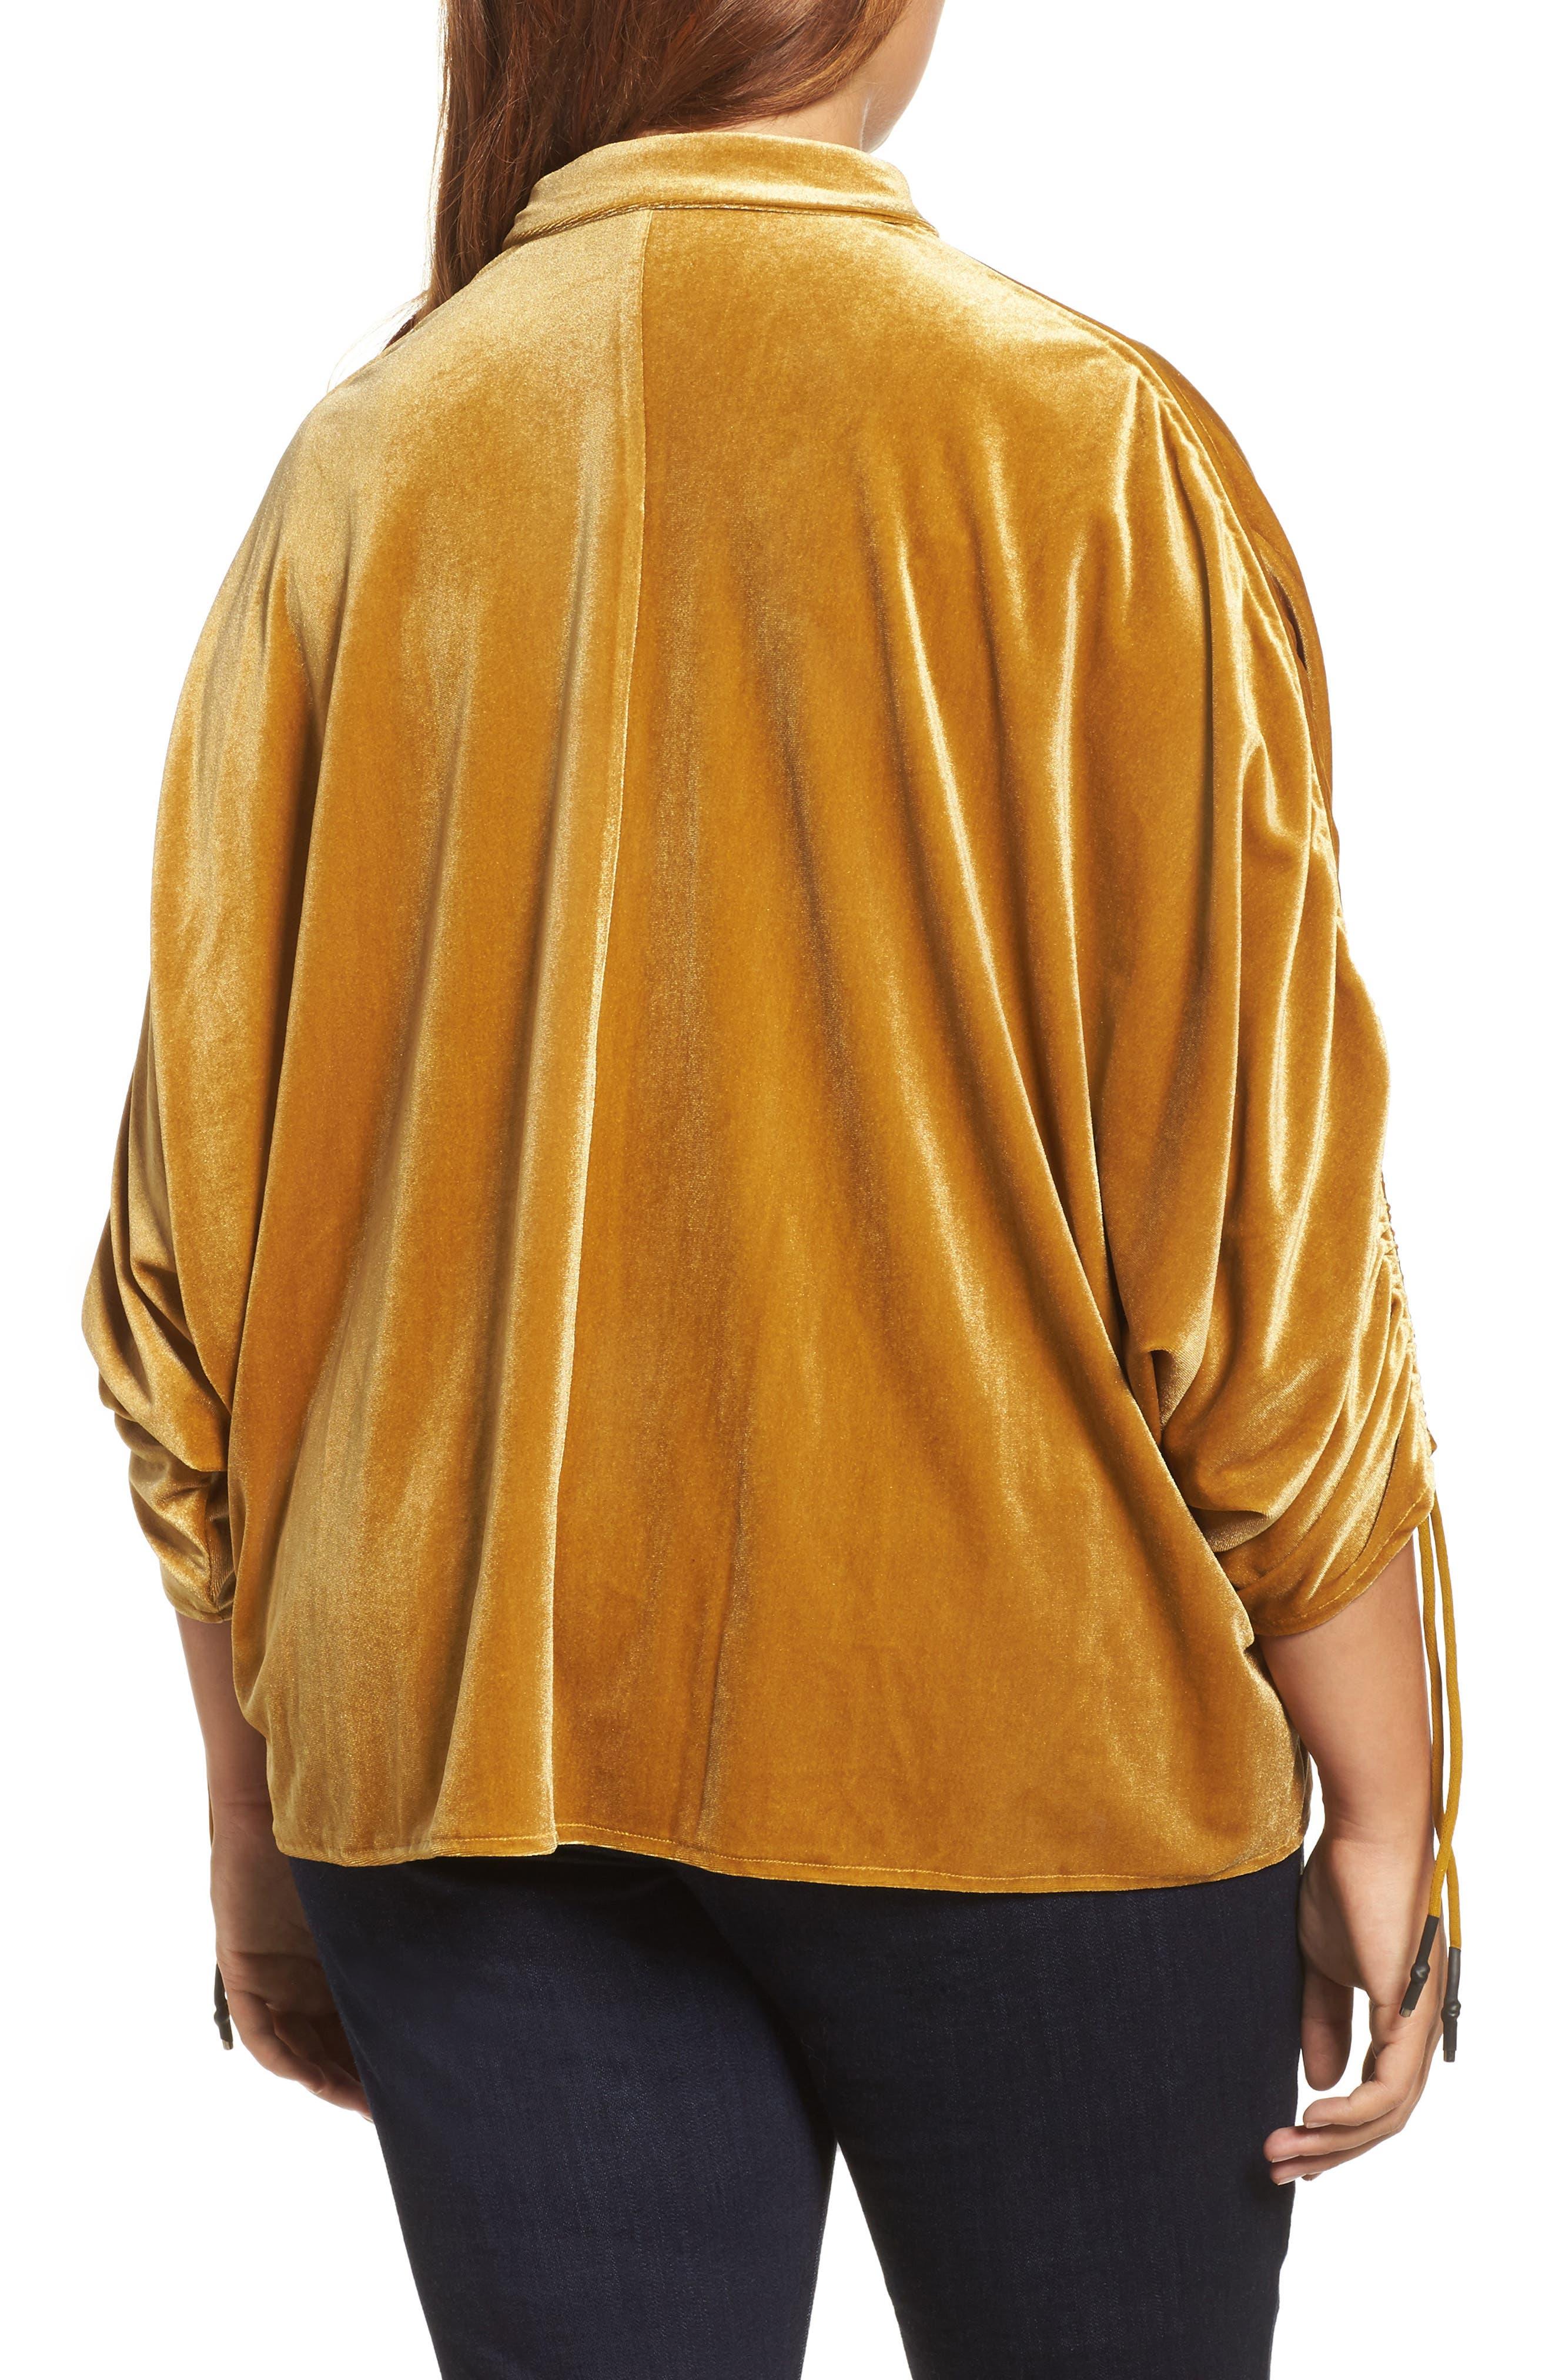 Velvet Velvet Gathered Sleeve Button Down Shirt,                             Alternate thumbnail 2, color,                             700